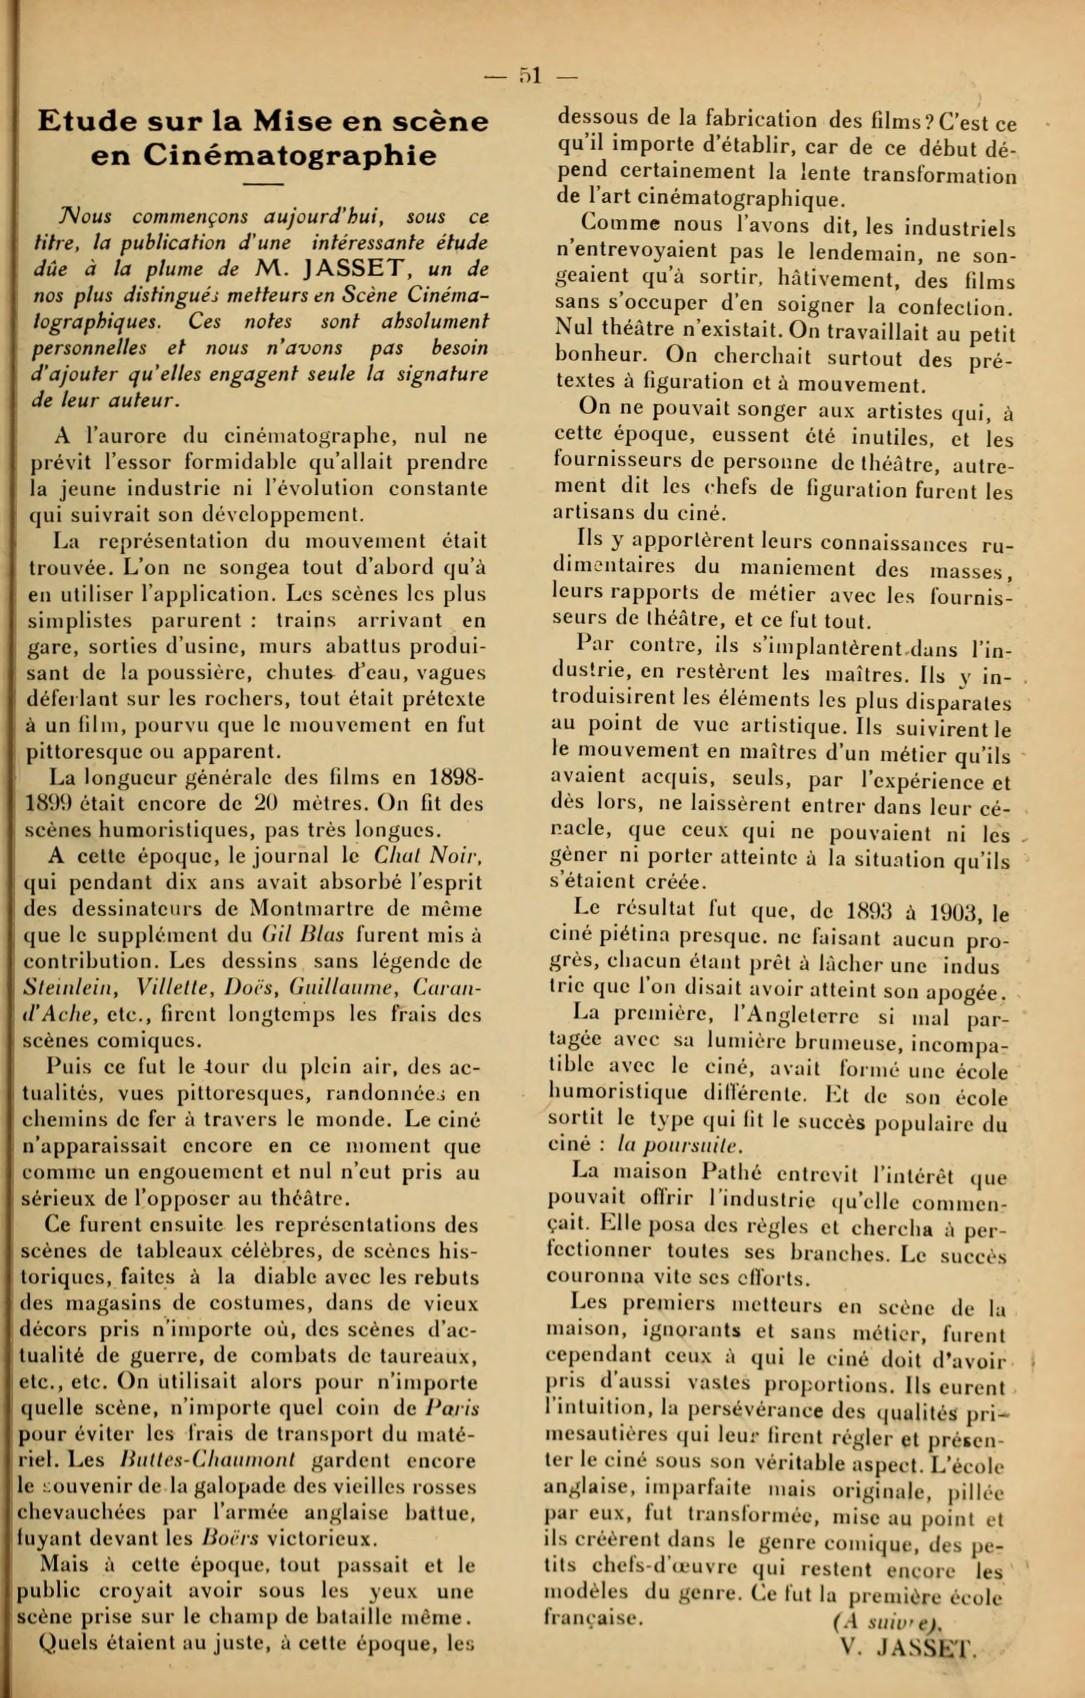 Etude sur la Mise en scène en Cinématographie (1911) Hippolyte-Victorin Jasset